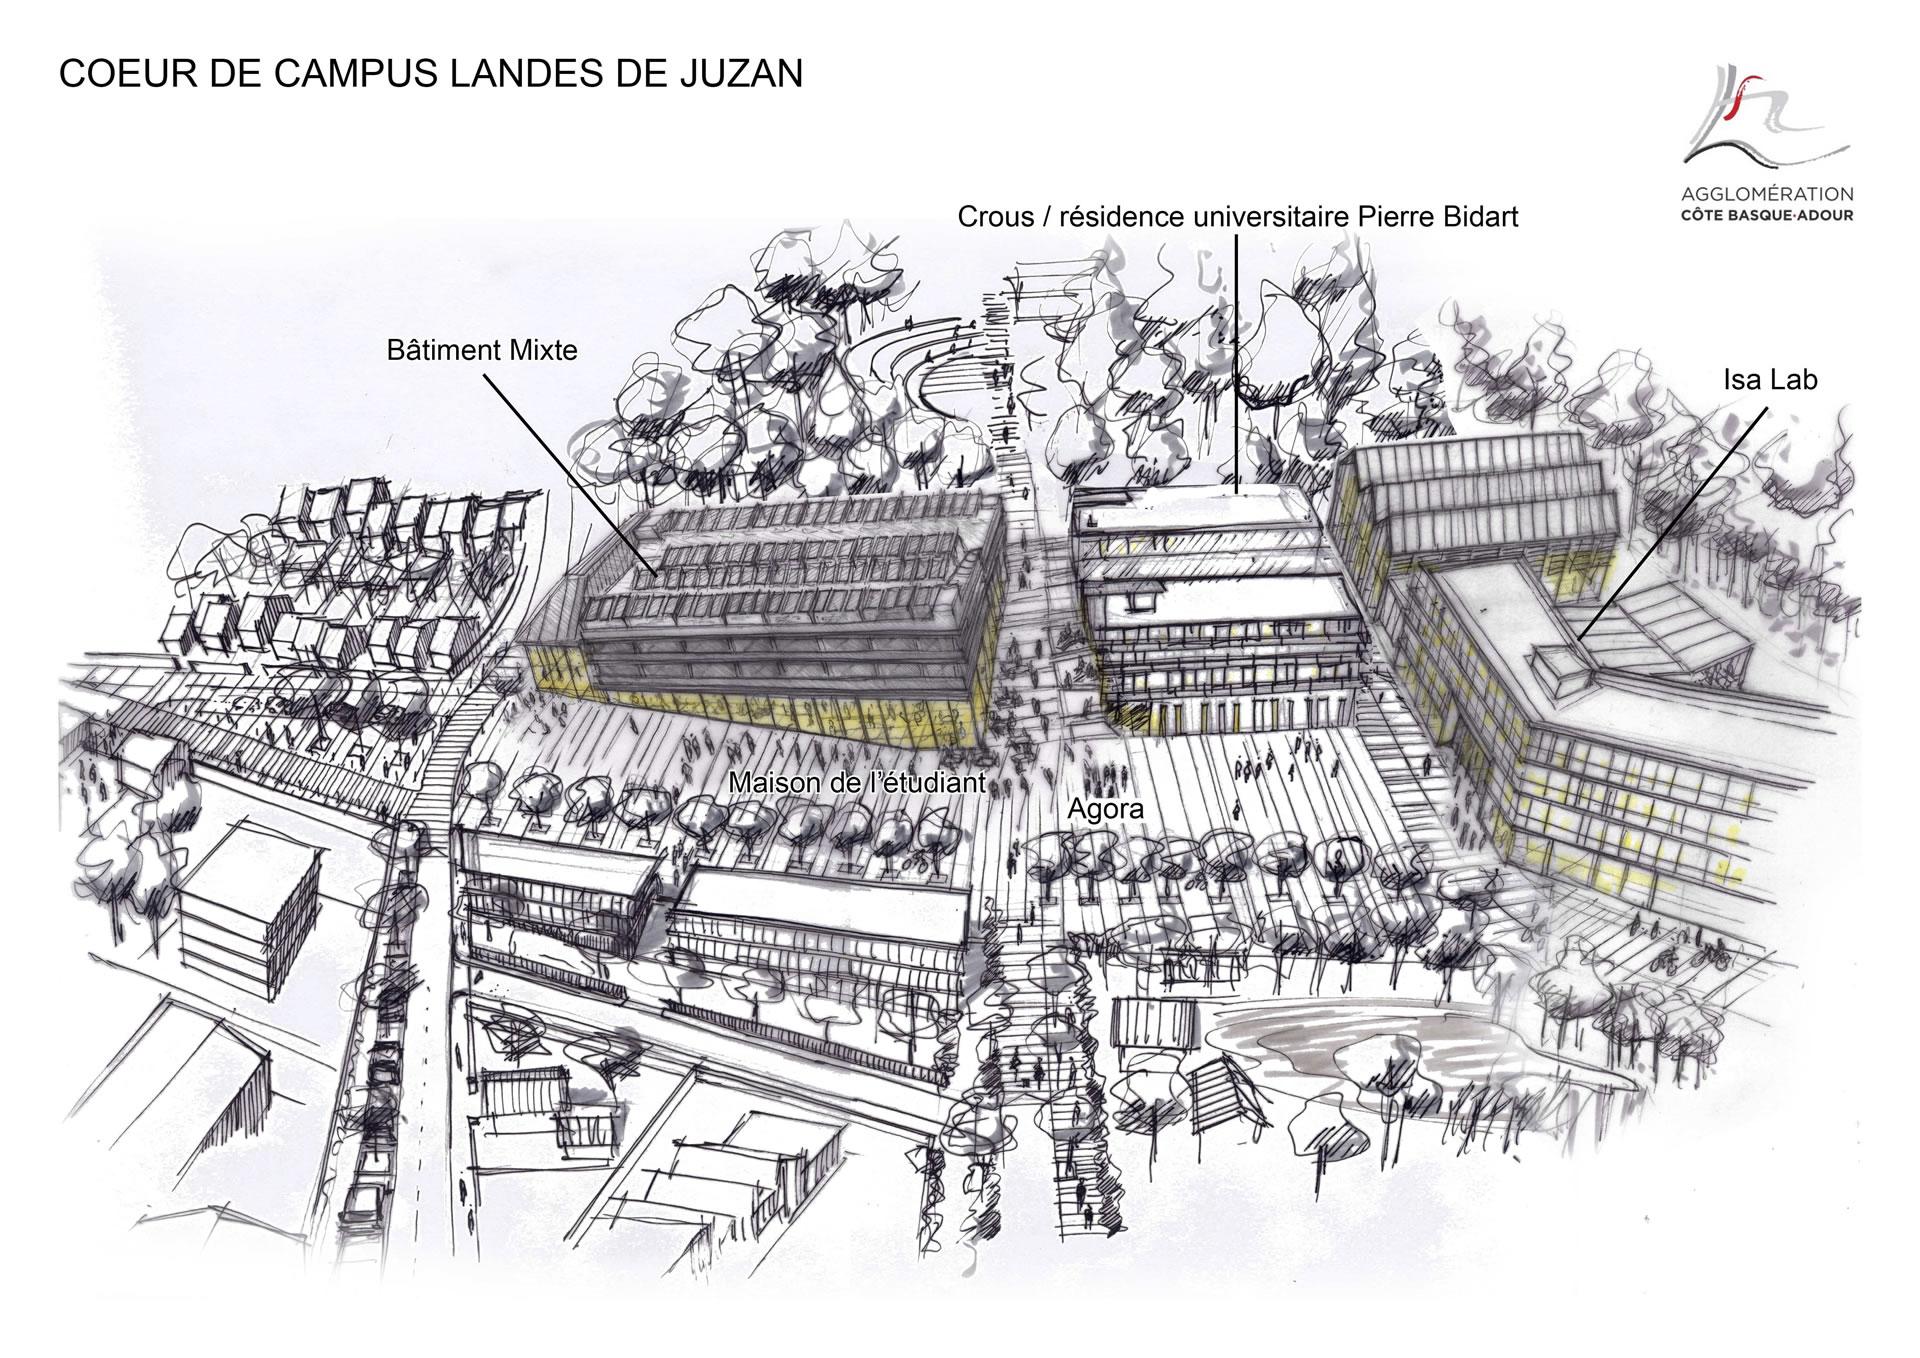 Projet ISA LAB - Coeur de Campus